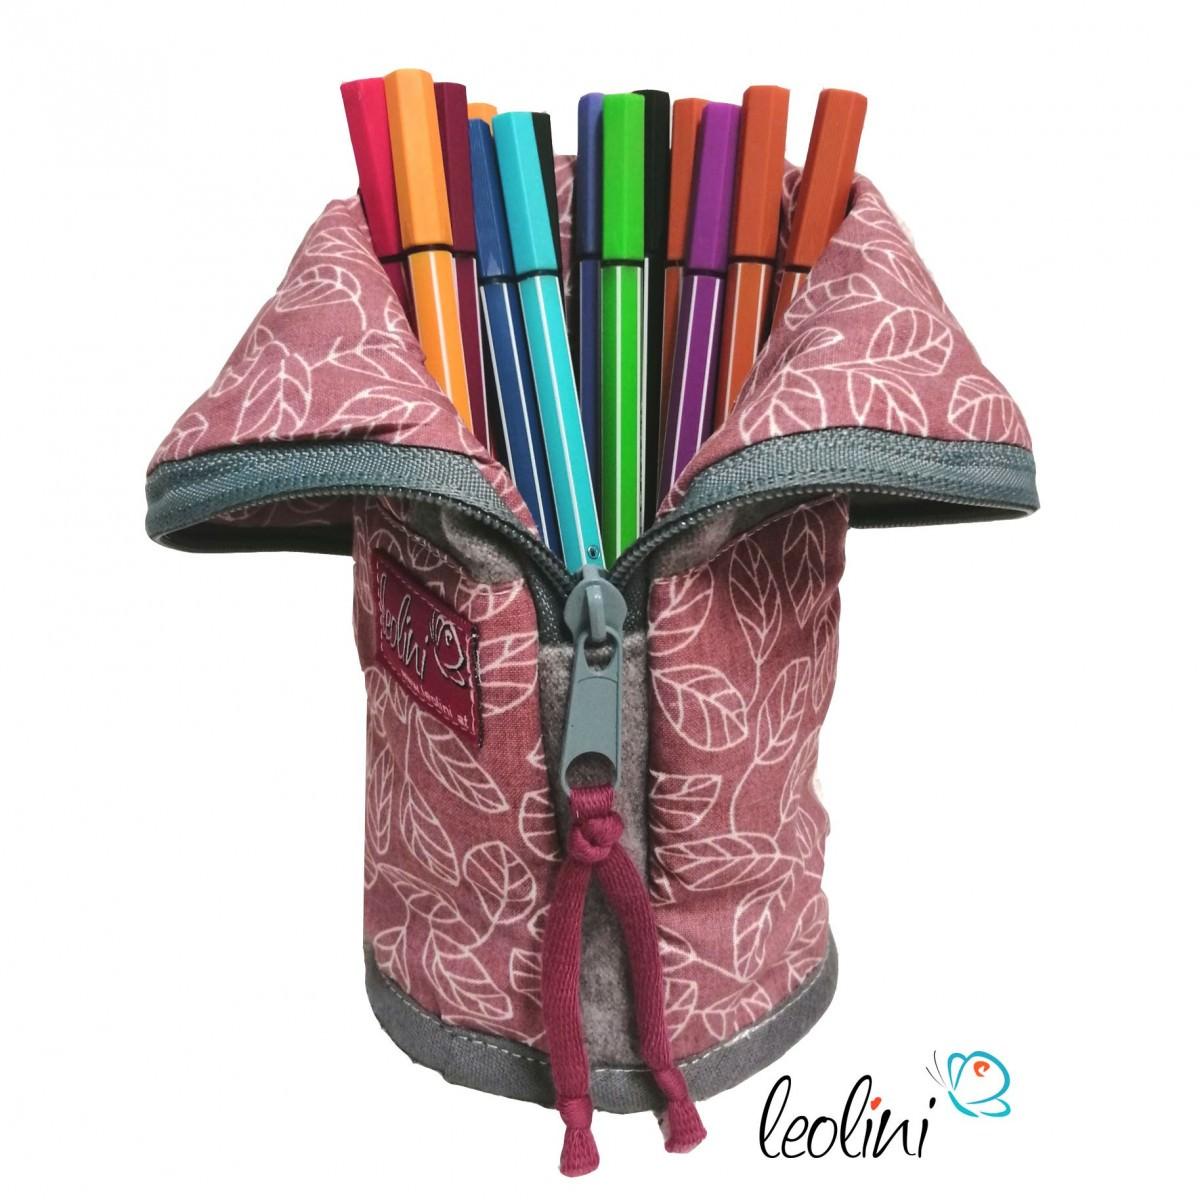 Personalisierbare stehende Stiftetasche, Stiftepennal altrosa